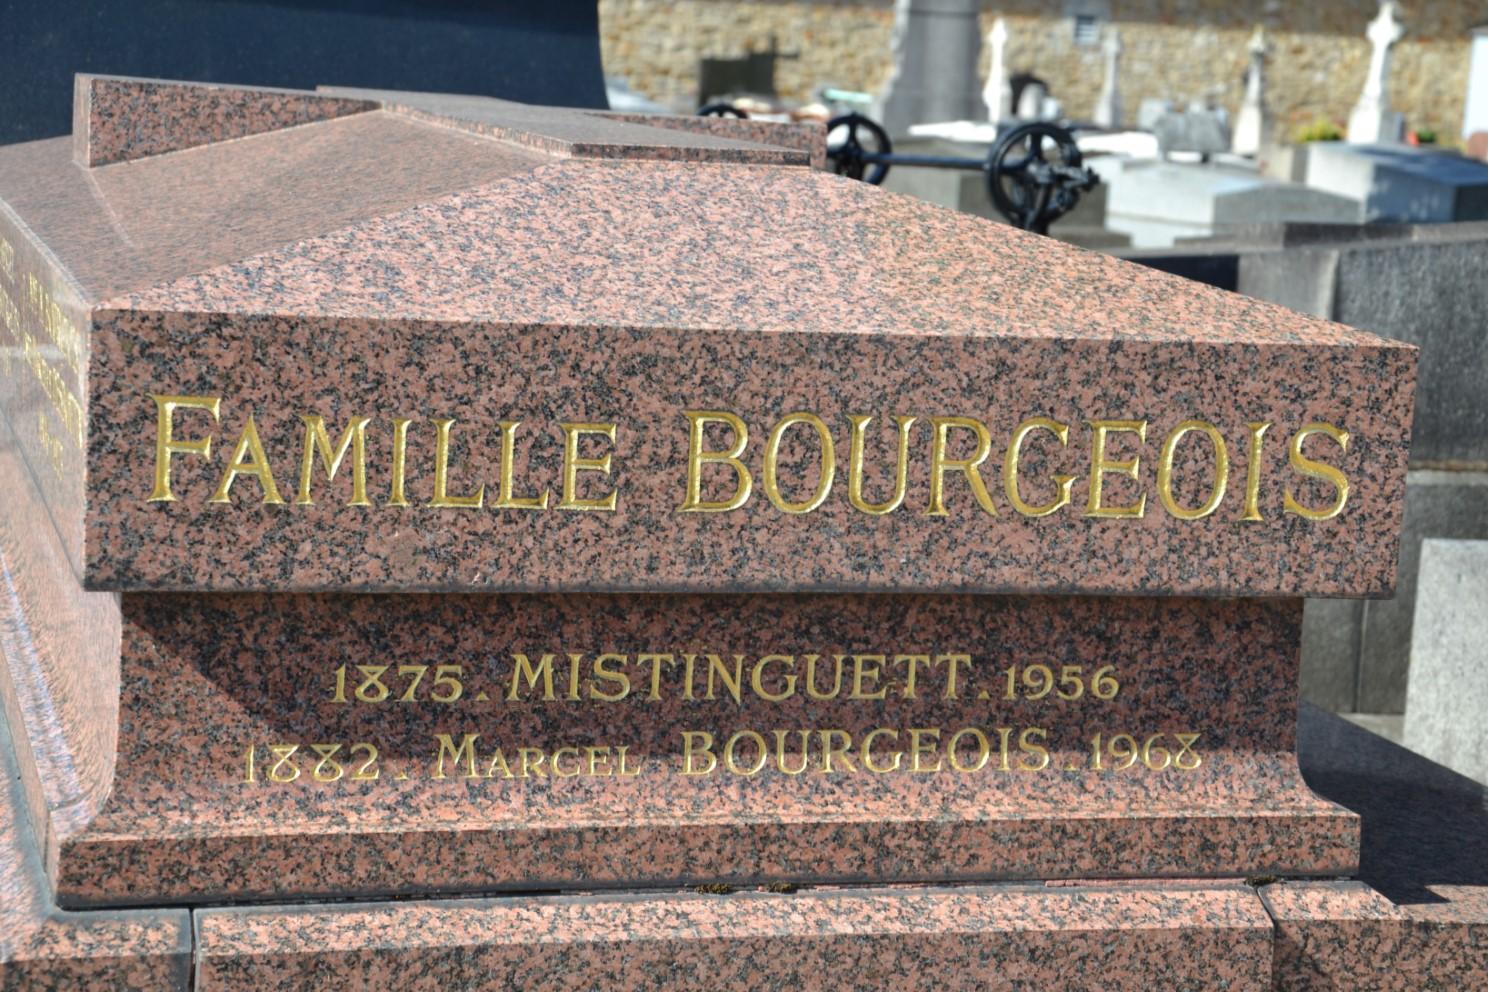 Septembre 2018 - Petite pensée pour Mistinguett qui repose au cimetière d'Enghien-les-Bains